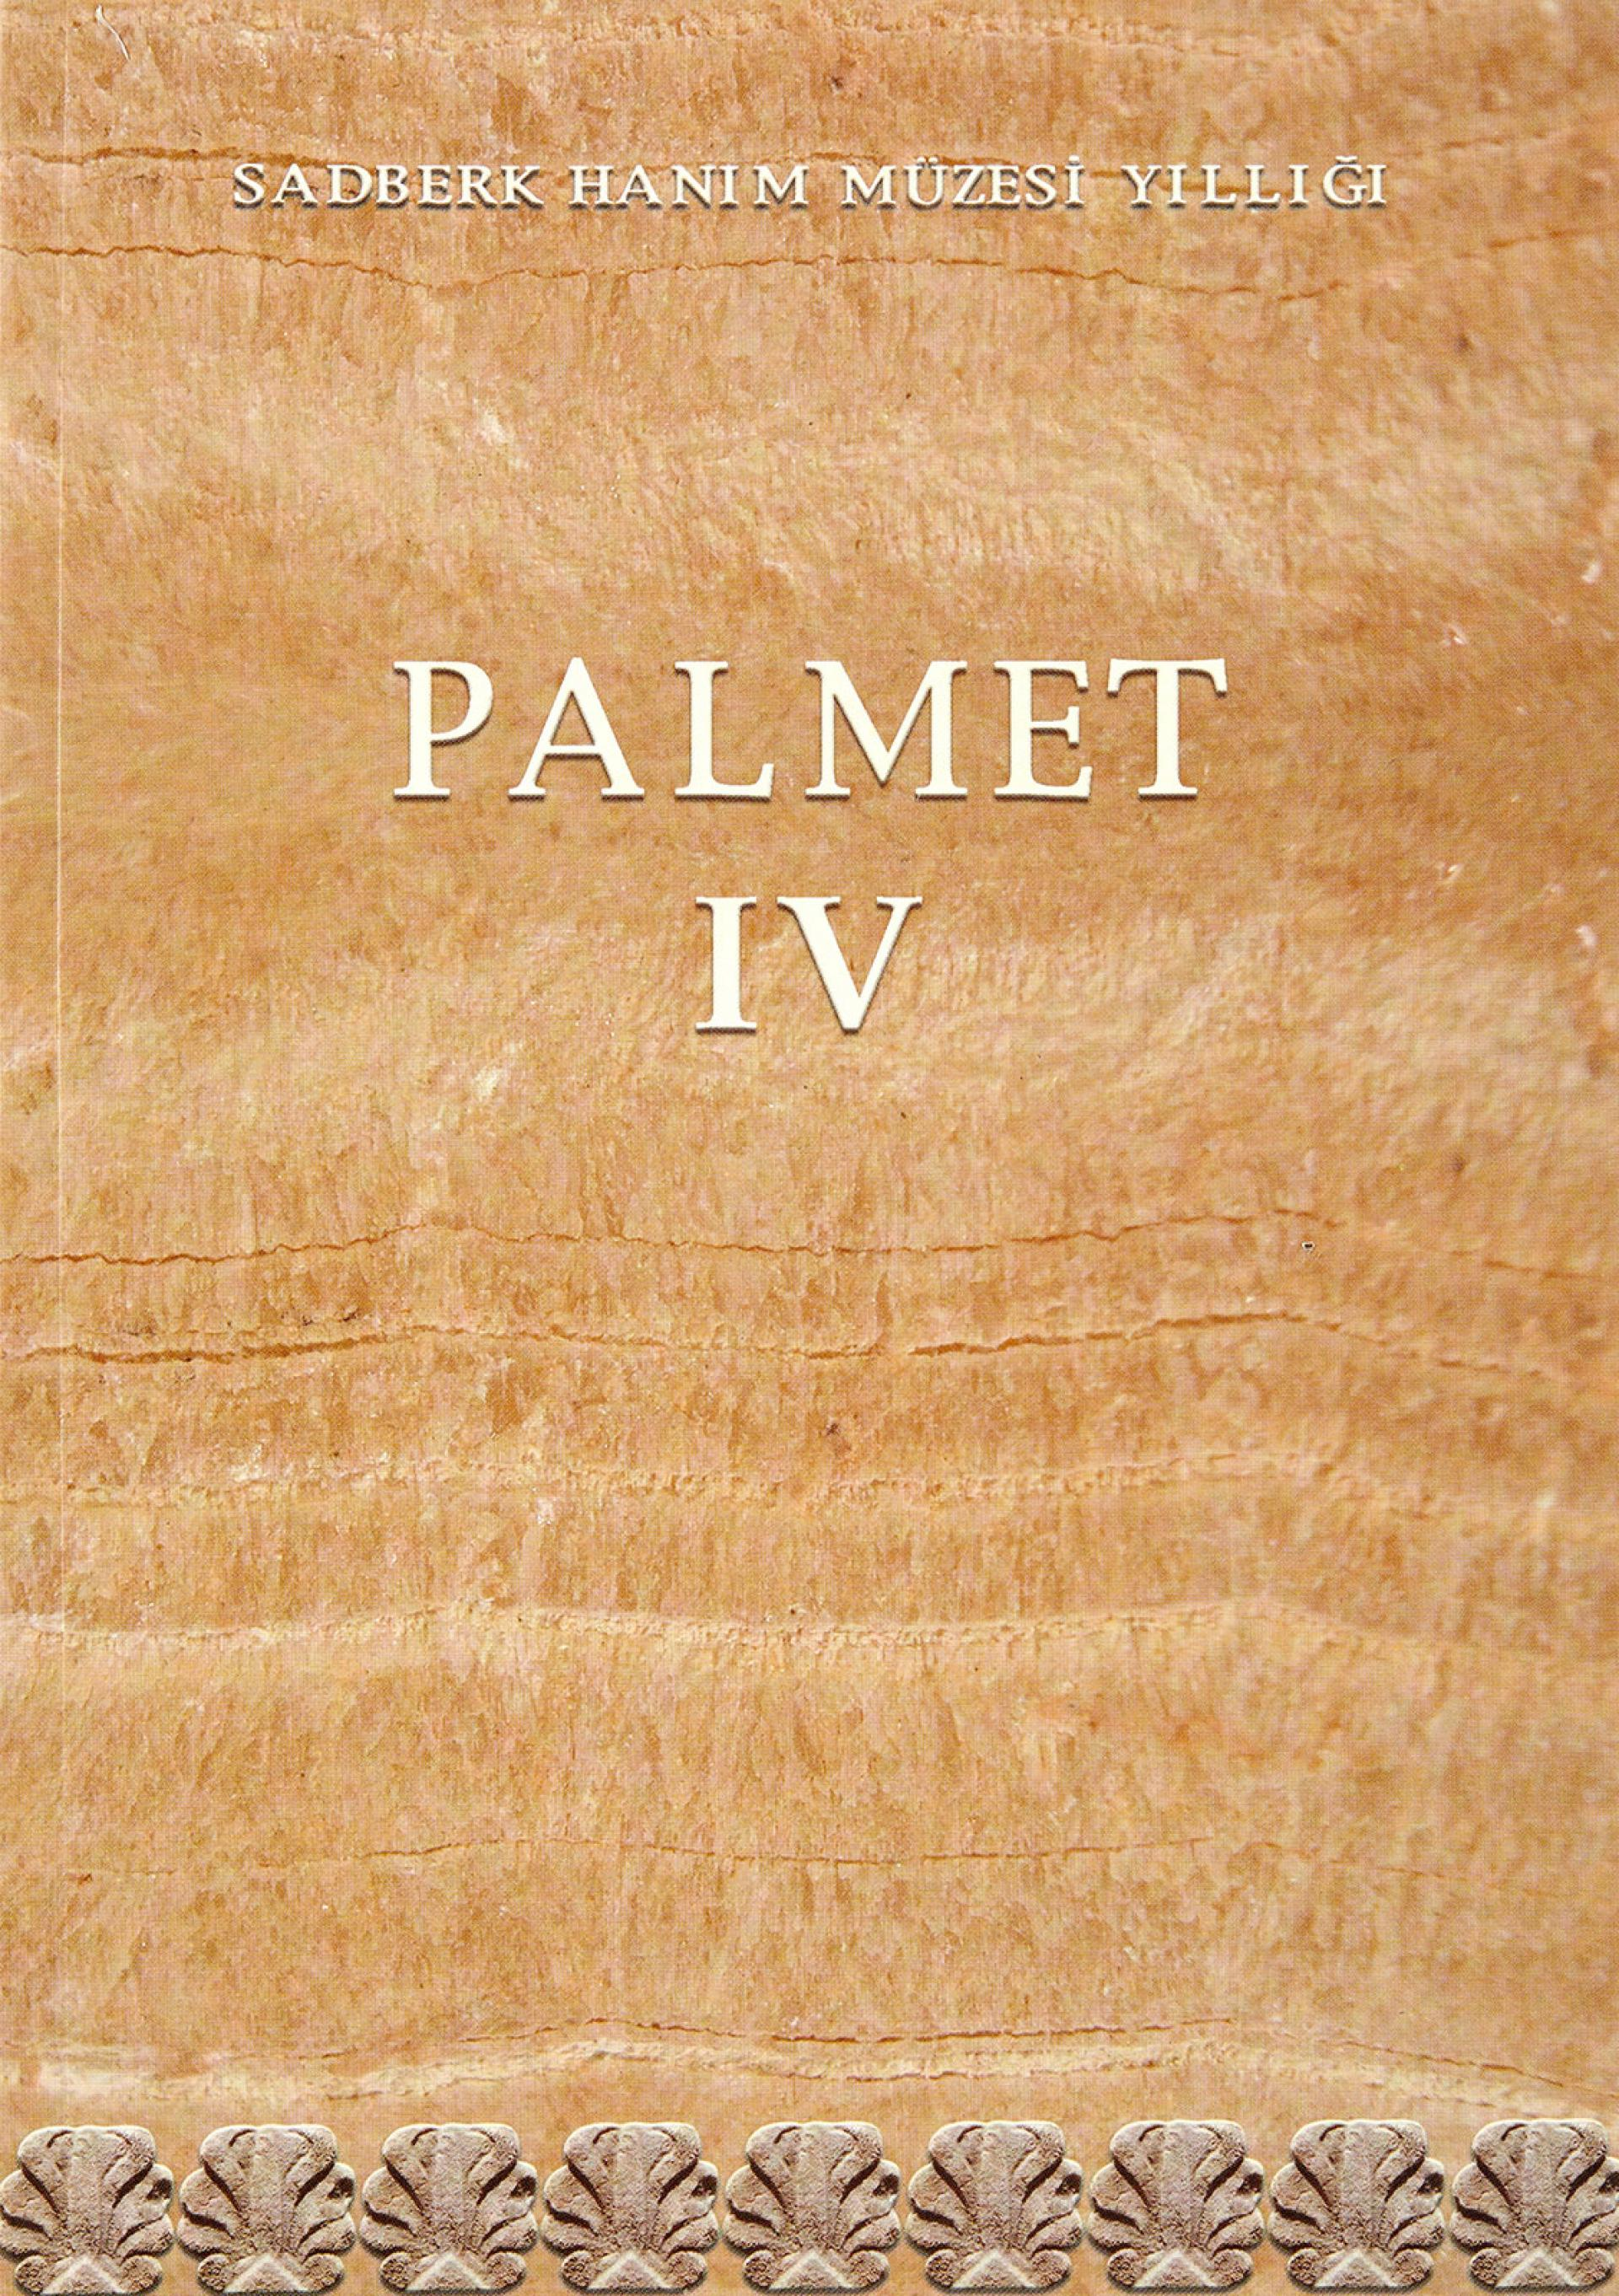 Palmet IV - Sadberk Hanım Müzesi Yıllığı - BOOKS - Sadberk Hanım Museum